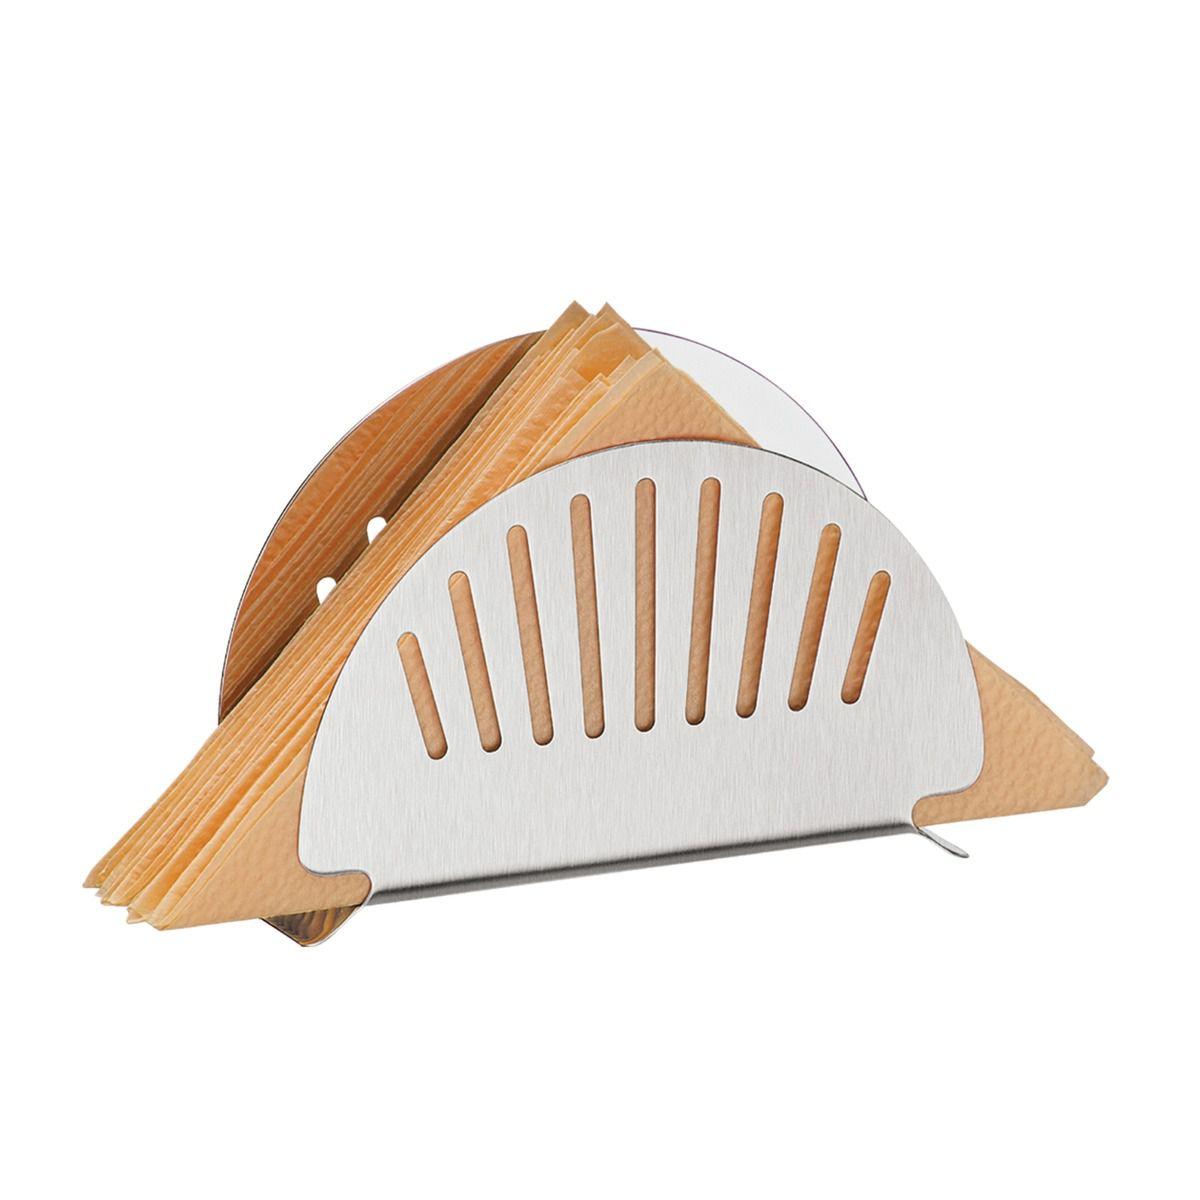 Porta Guardanapos Tramontina em Aço Inox com Detalhes Vazados 61144/120 | Lojas Estrela